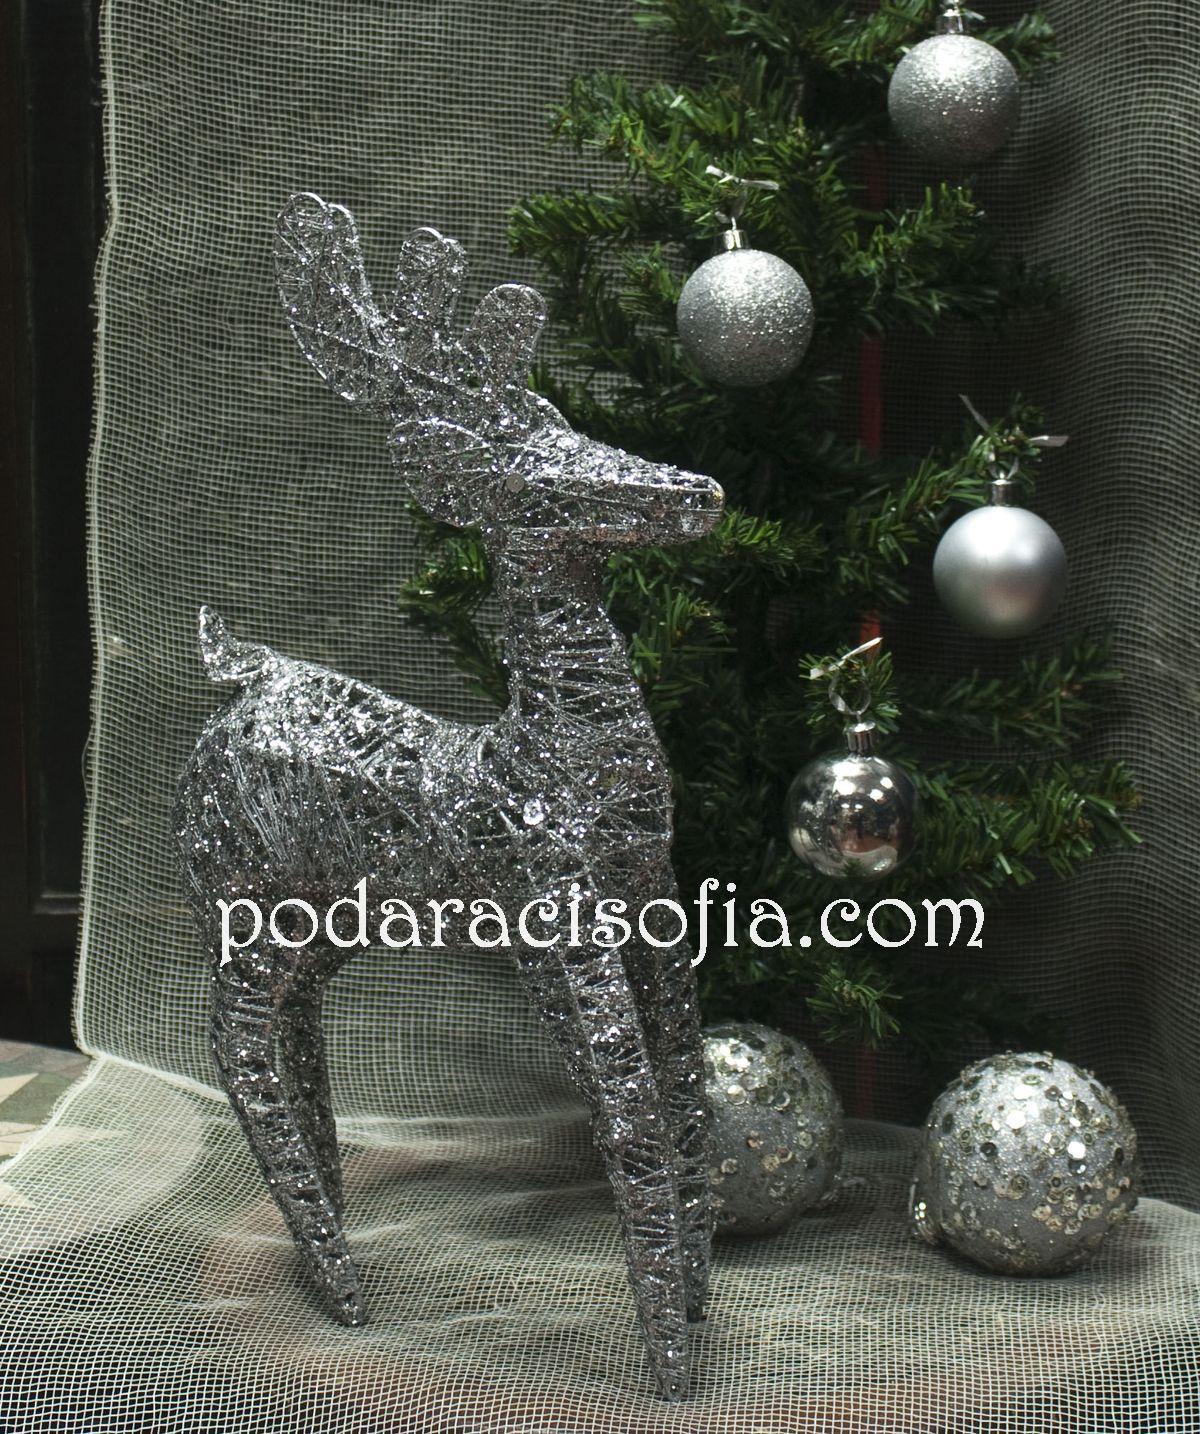 Елха декорирана със сребърно и сребърен елен за коледна декорация